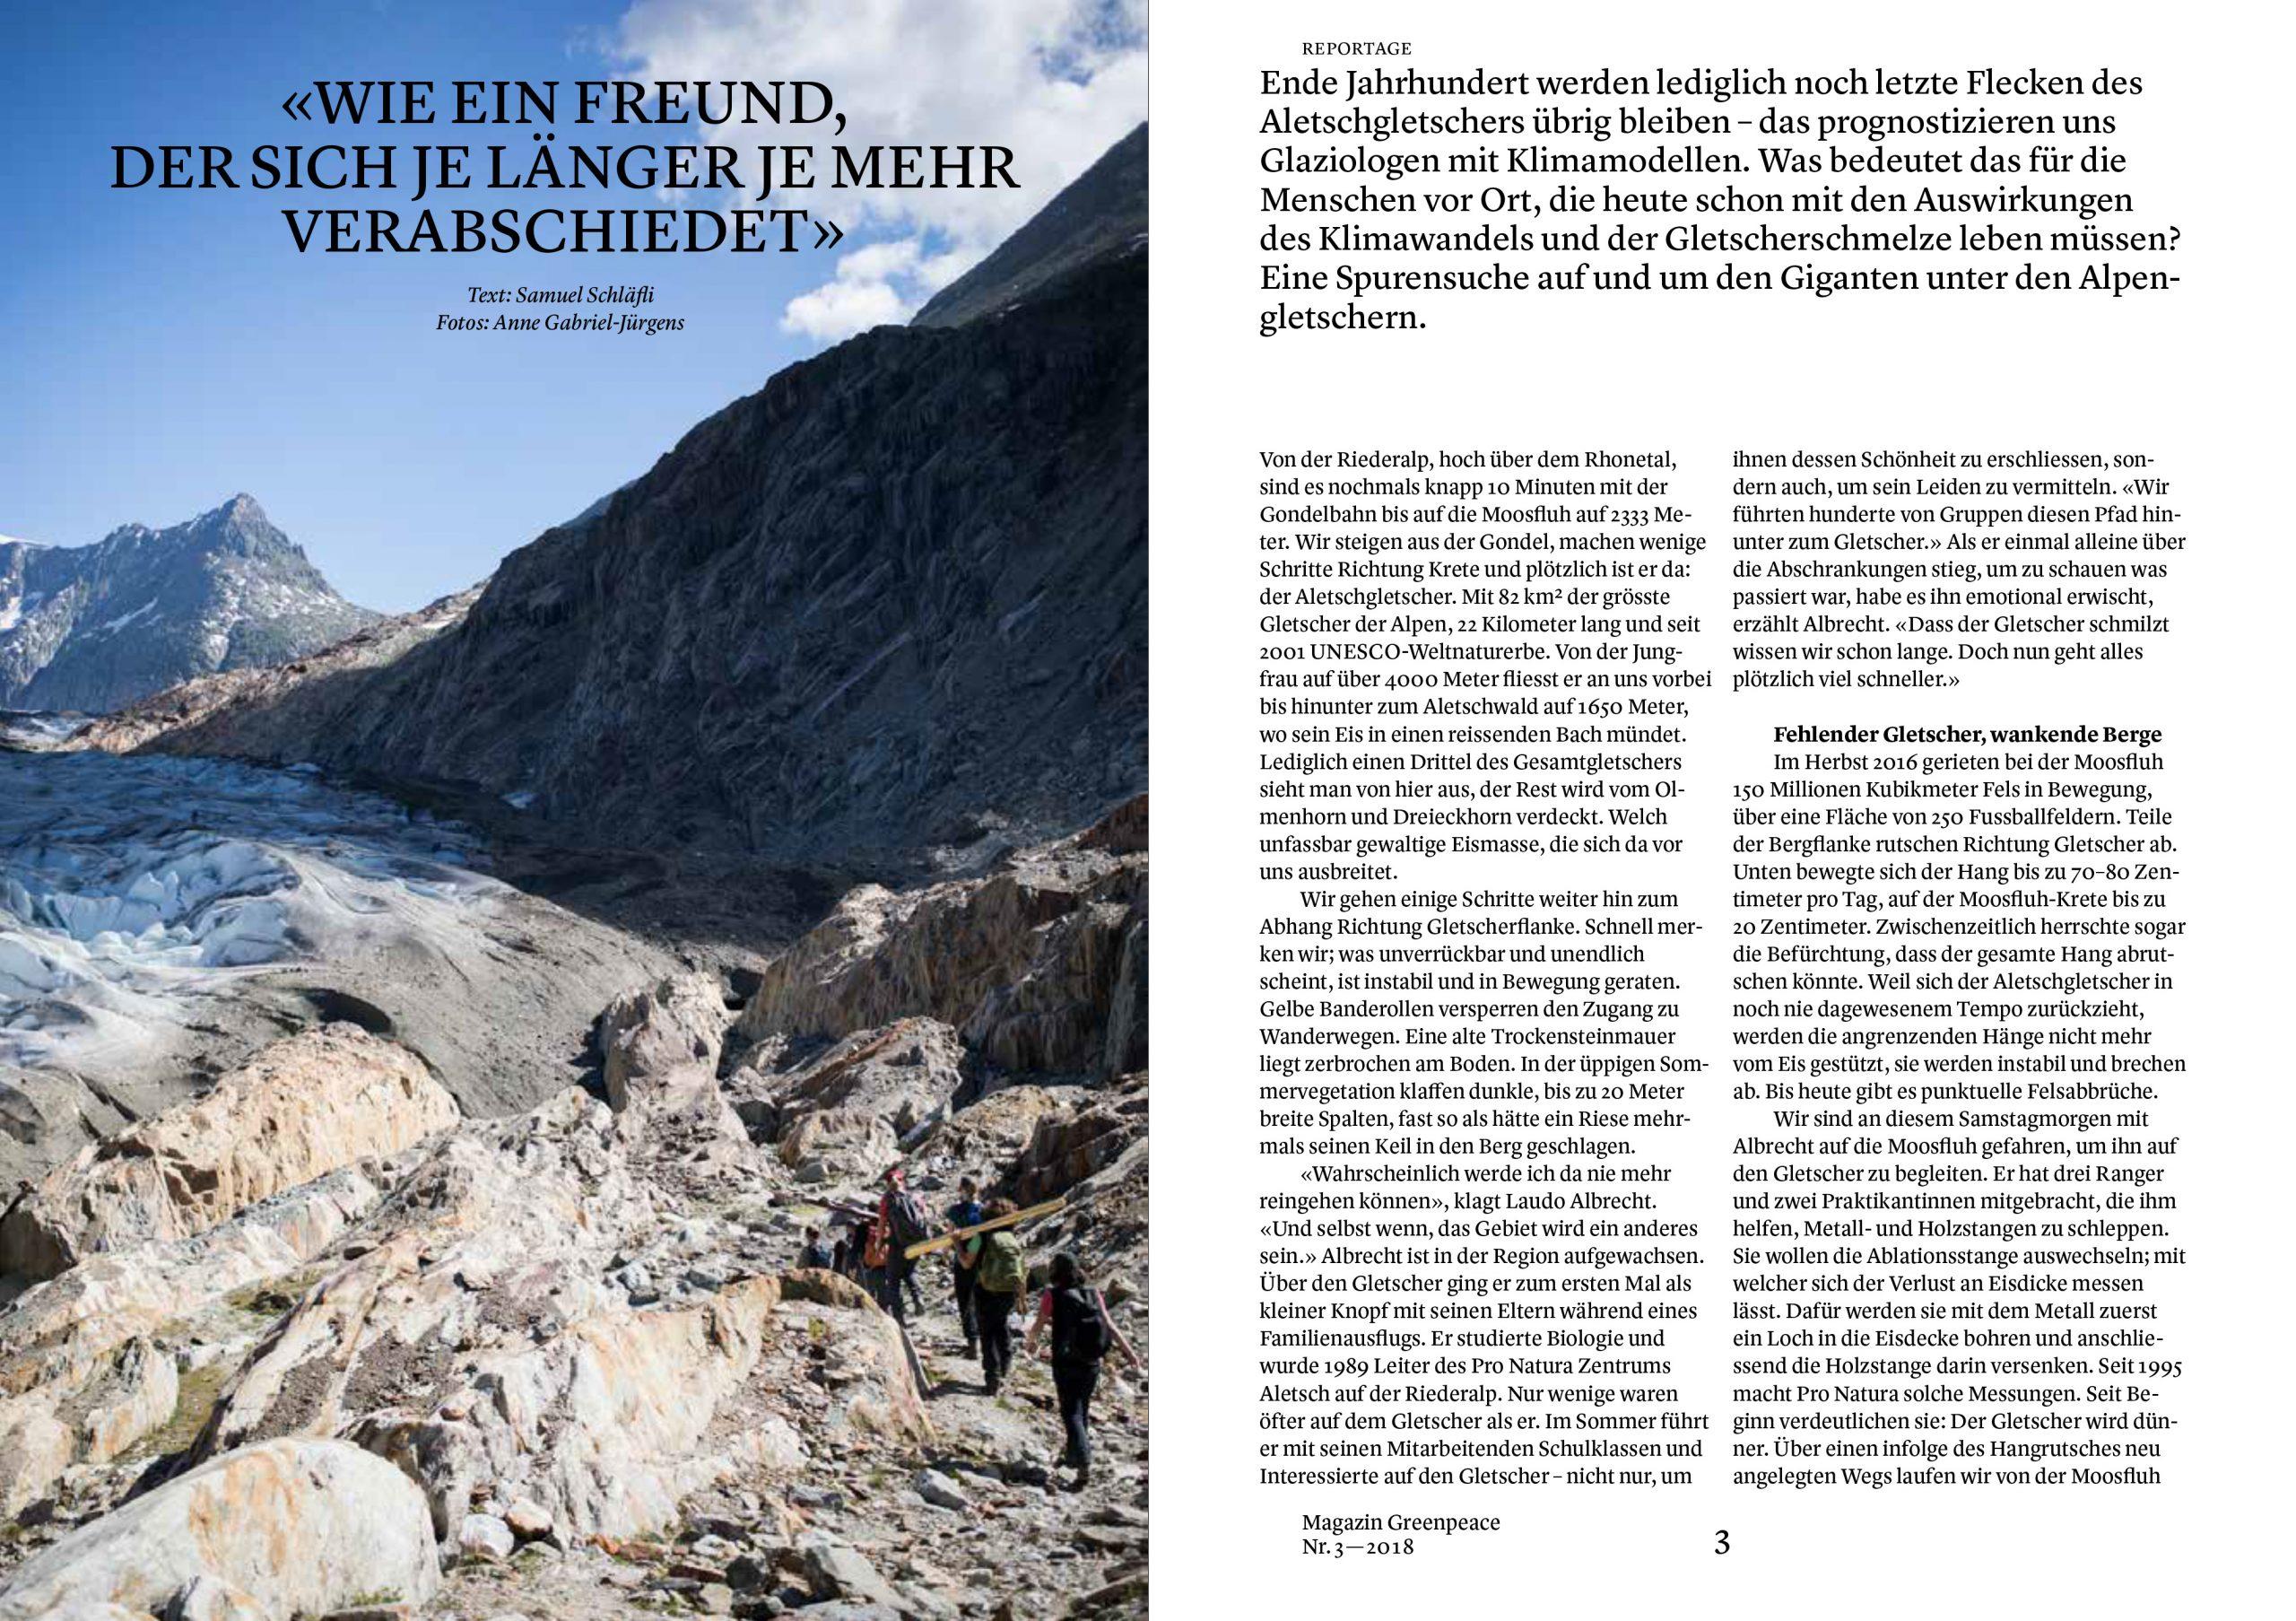 Aletschgletscher_16-1